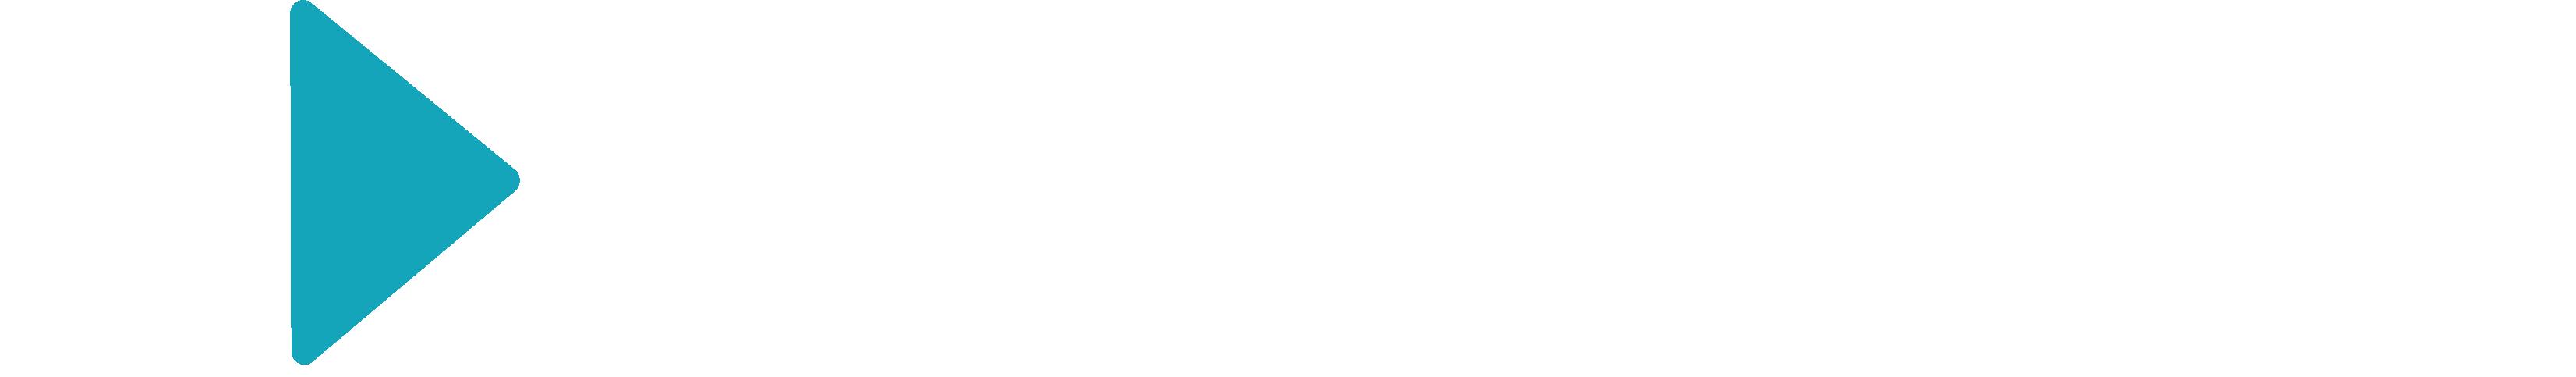 Julien Dubuque Film Festival 2020